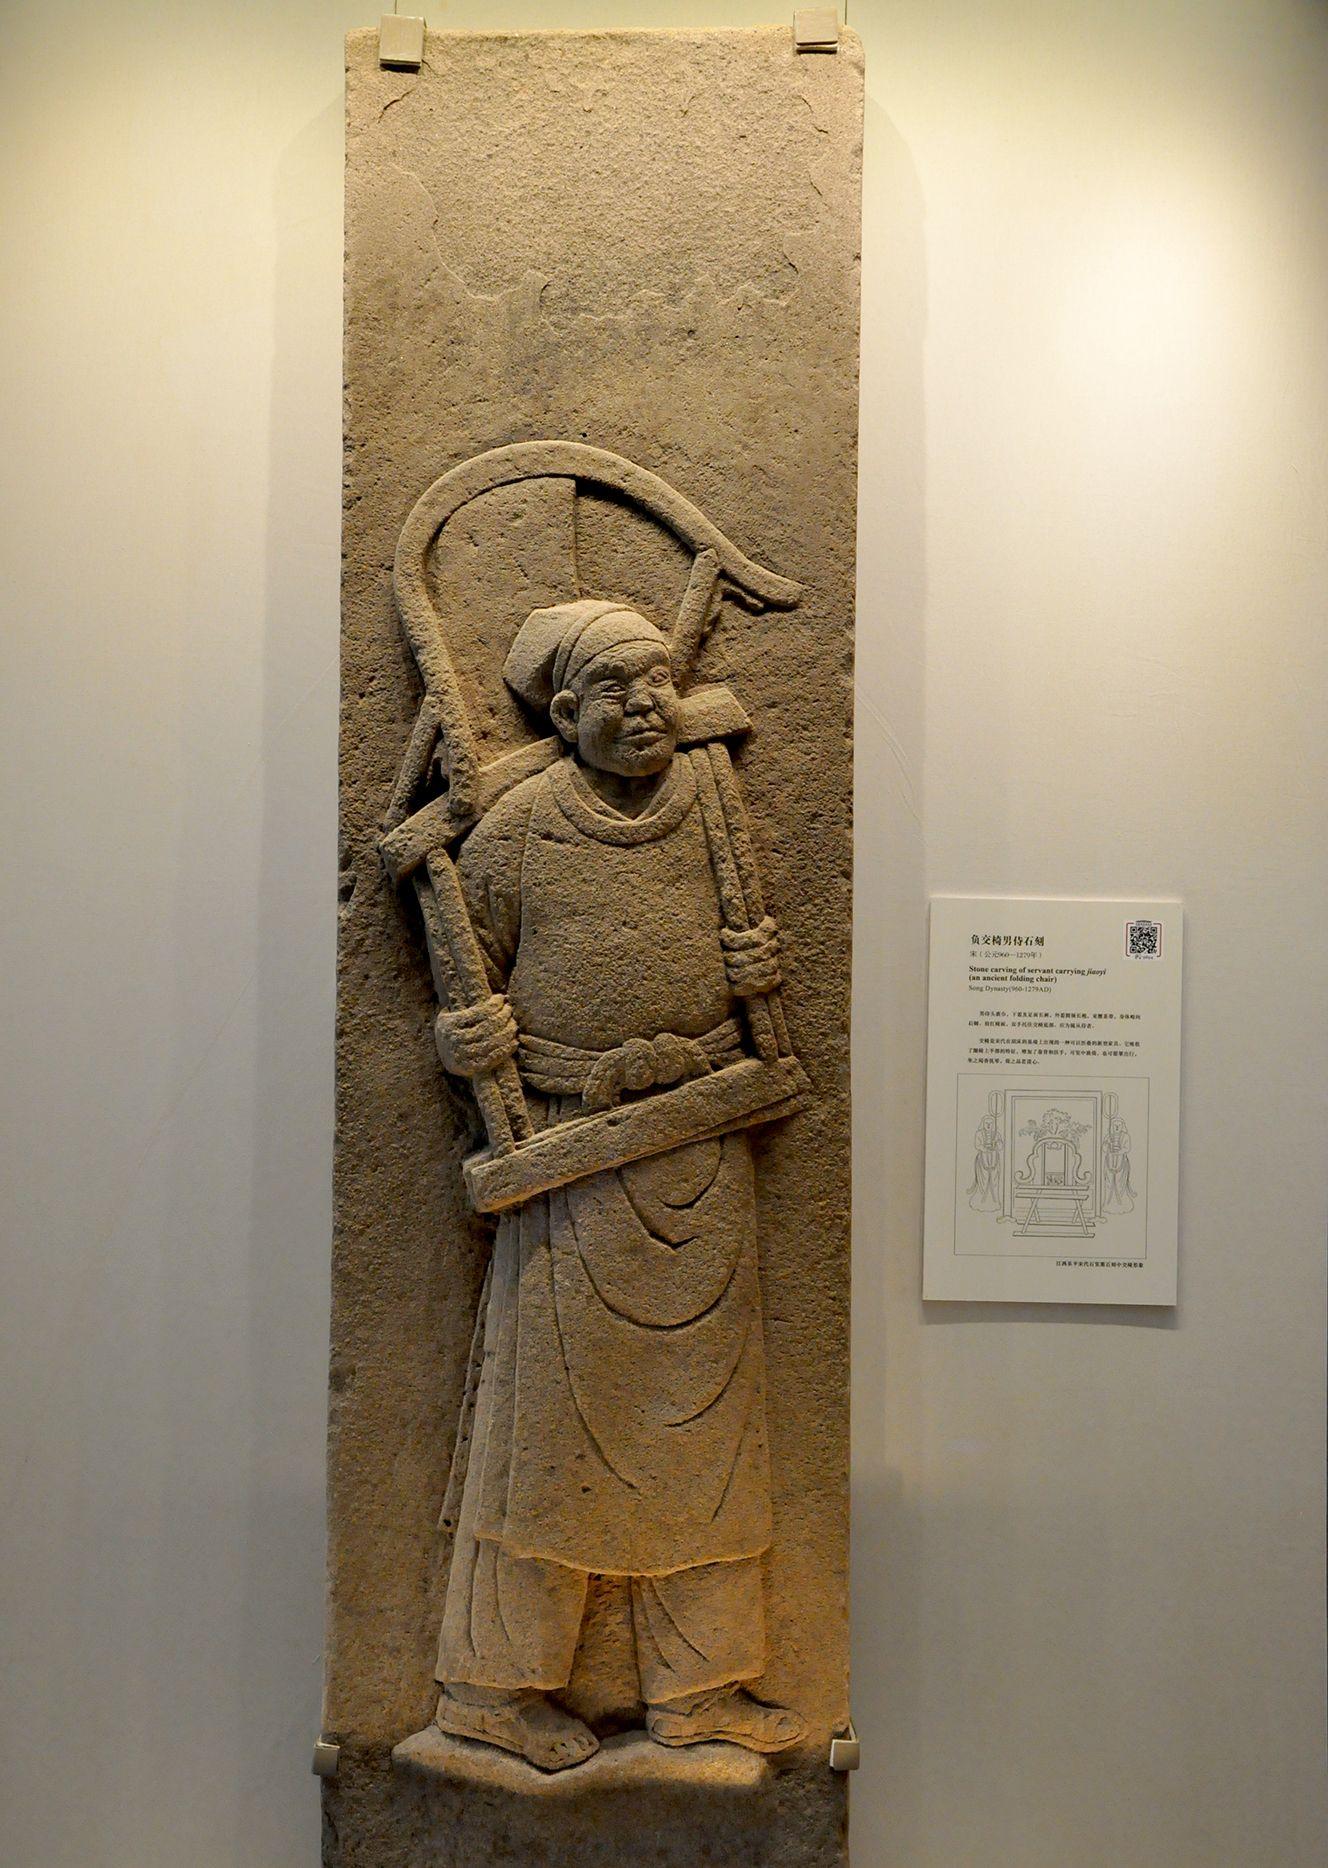 国家博物馆的宋代石刻艺术展,带你了解宋代雕塑家精湛的技艺